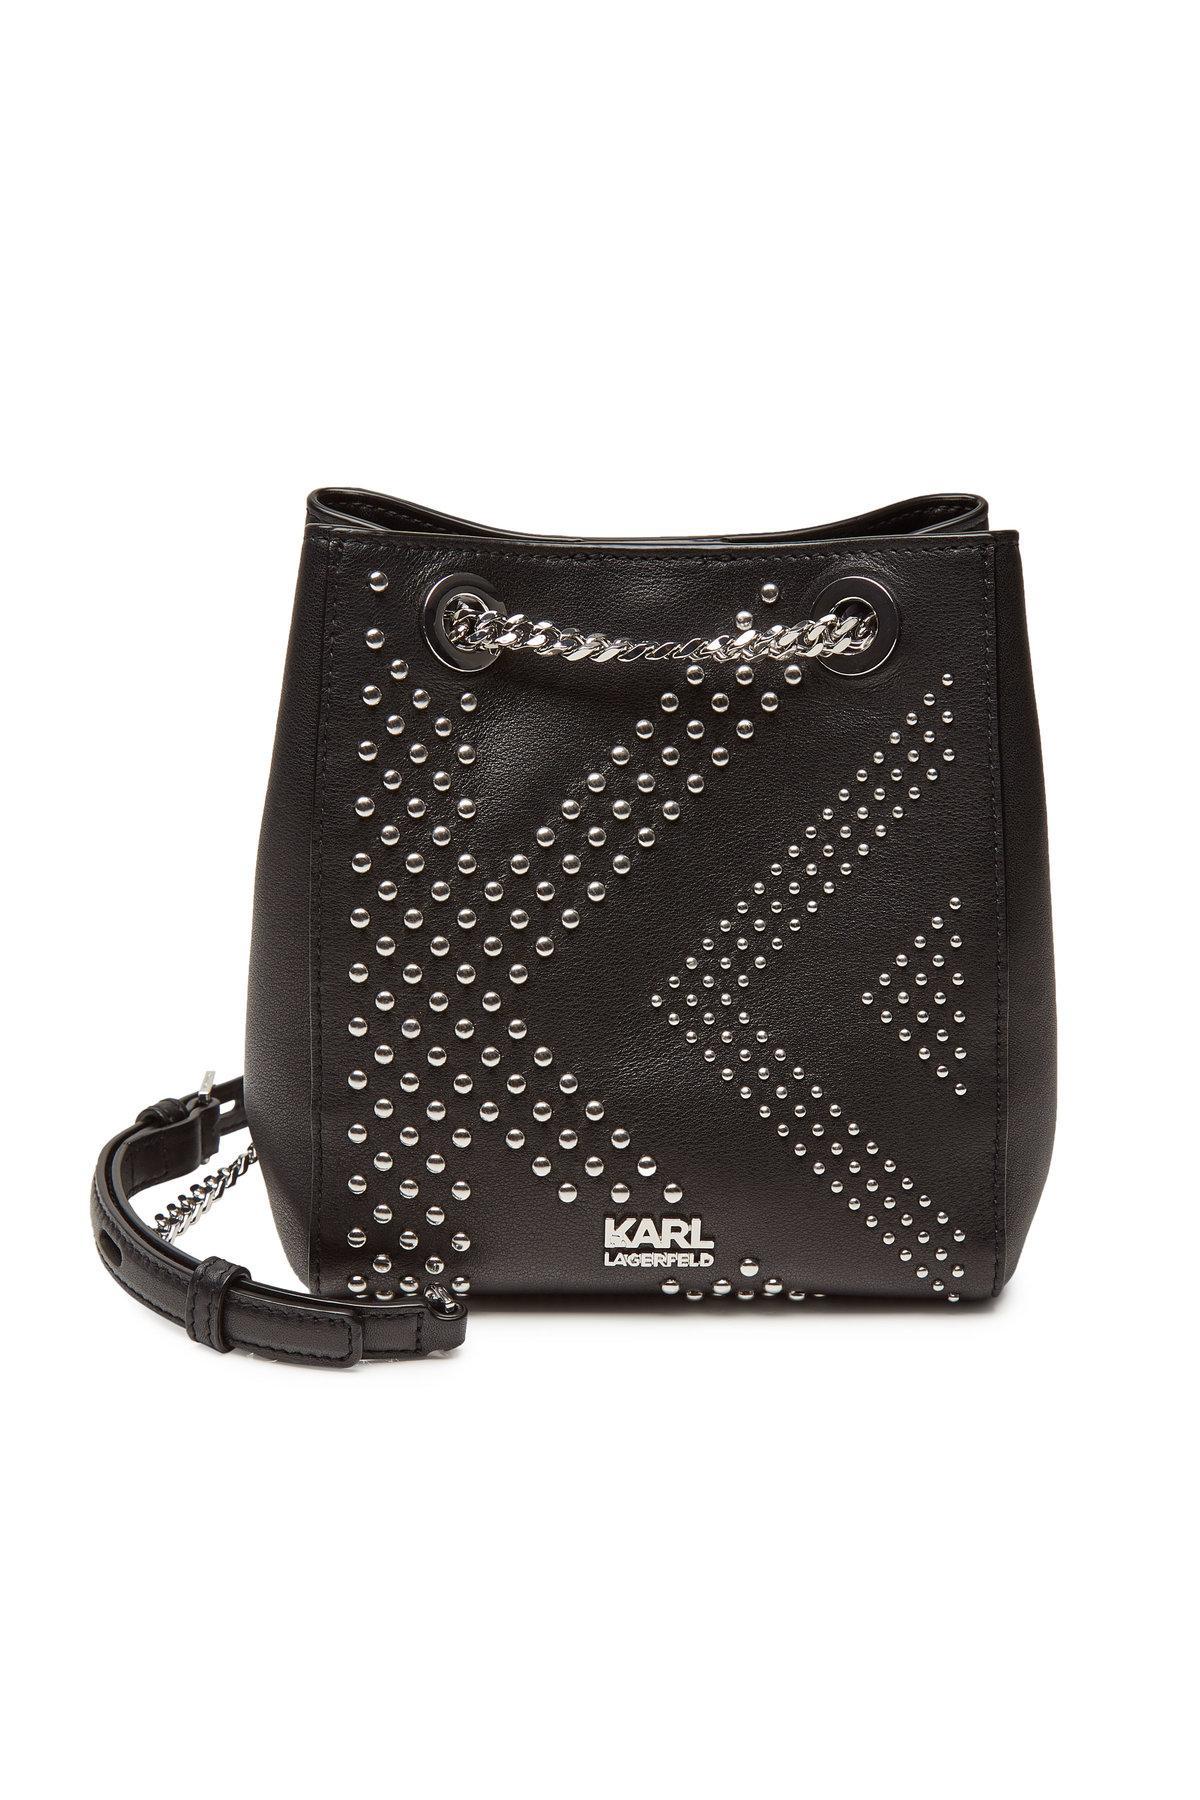 5427d285d7c Karl X Kaia Gerber Rocky Embellished Leather Bucket Bag In Black